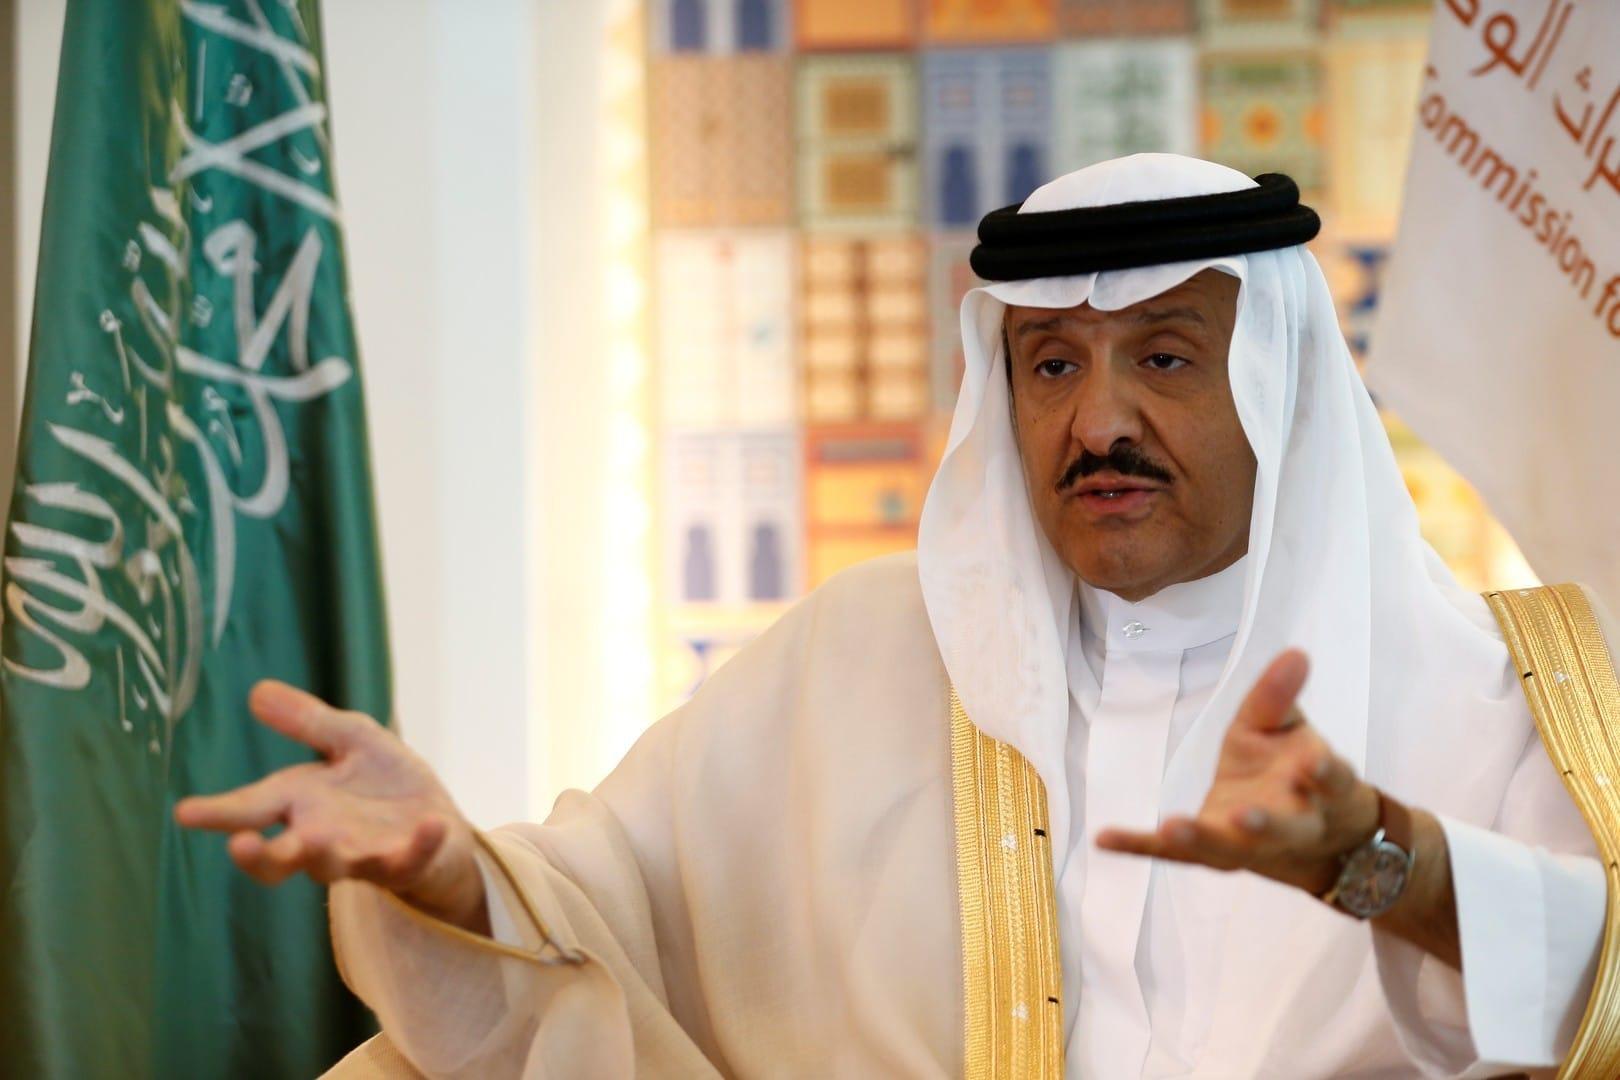 محمد بن سلمان يُعاقب أخيه الأمير سلطان بن سلمان بهذا القرار .. وارتباك شديد في آل سعود